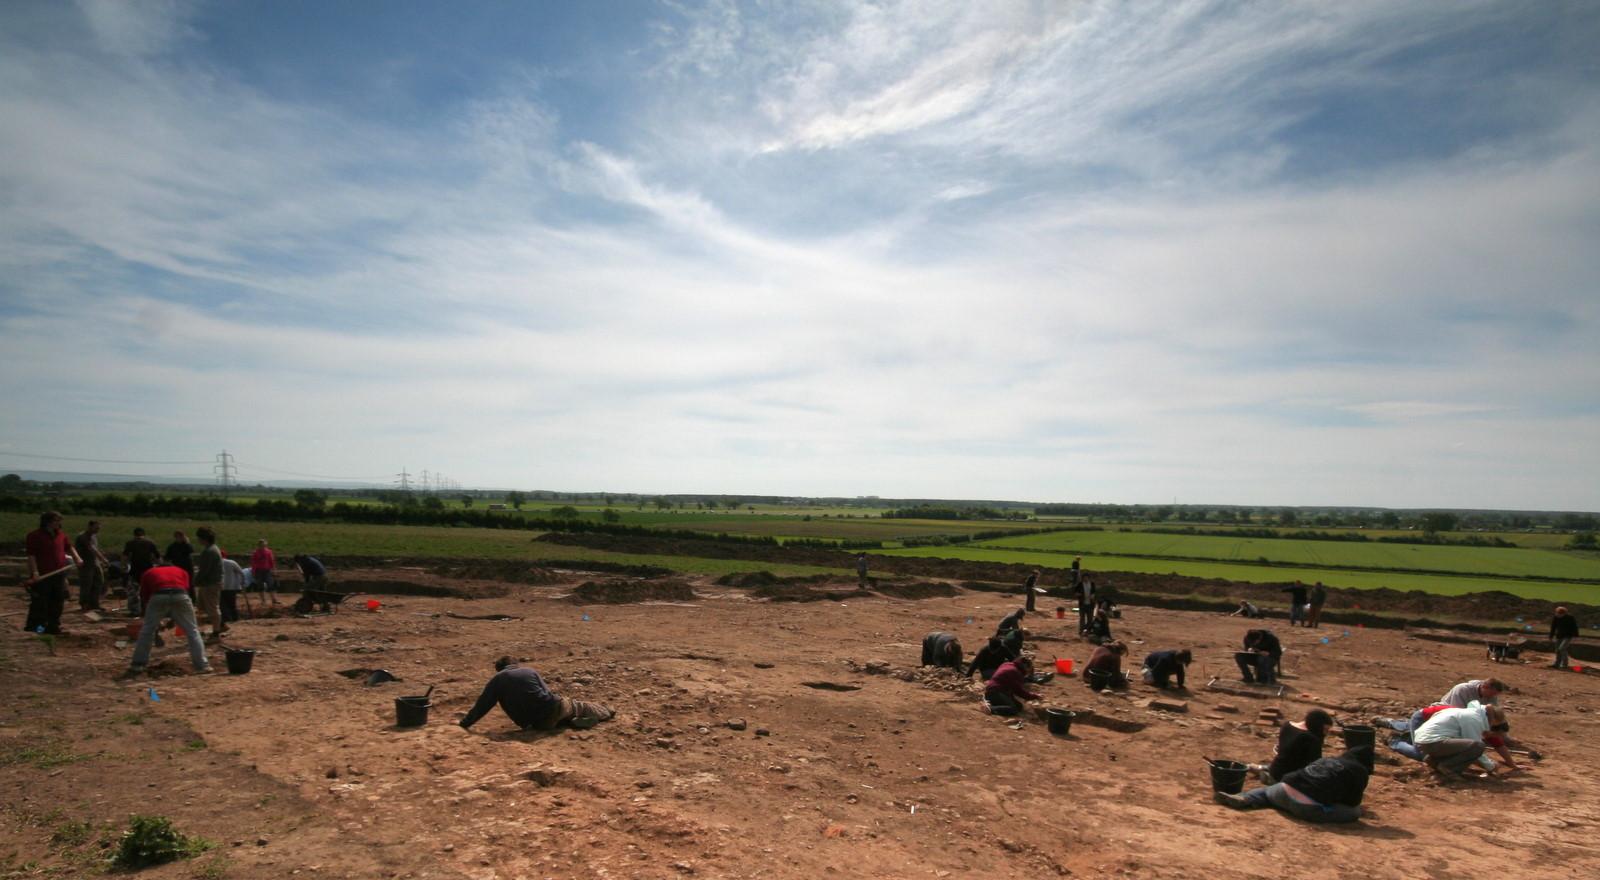 Excavación arqueológica de la Universidad de York en Heslington East. Foto: James Gunn.